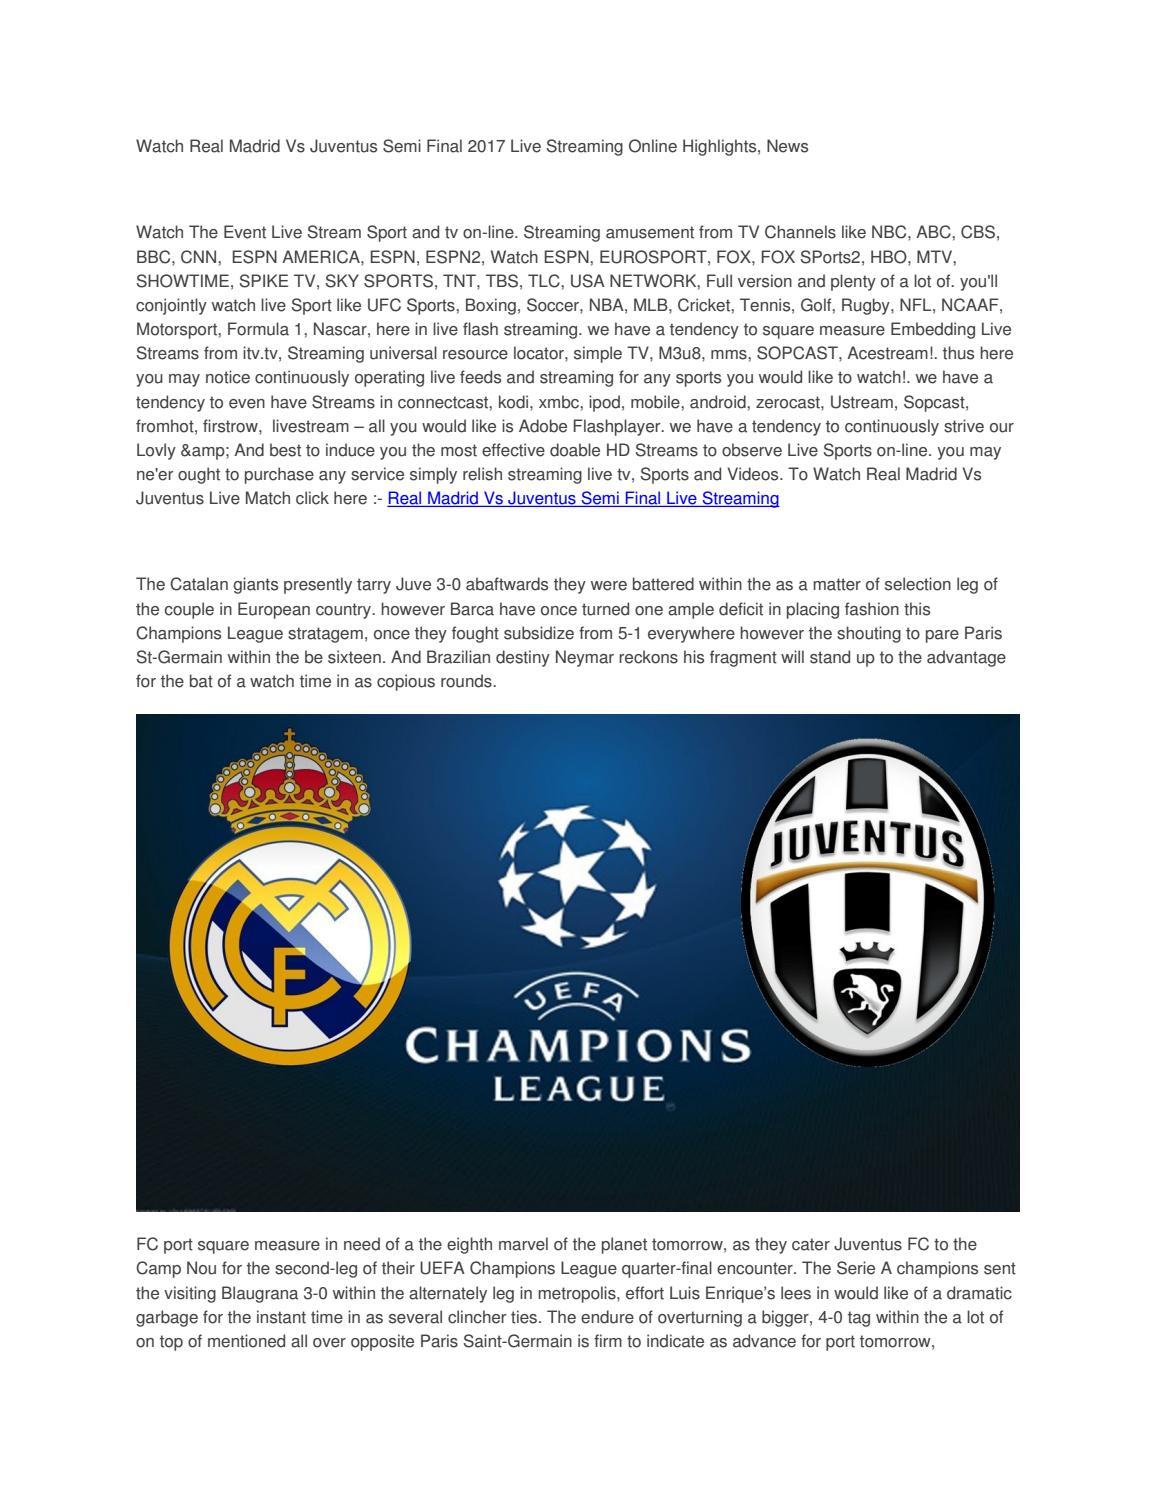 Real Madrid Vs Juventus Live Stream : madrid, juventus, stream, Watch, Madrid, Juventus, Streaming, Online, Highlights, Akshay, Bhargude, Issuu